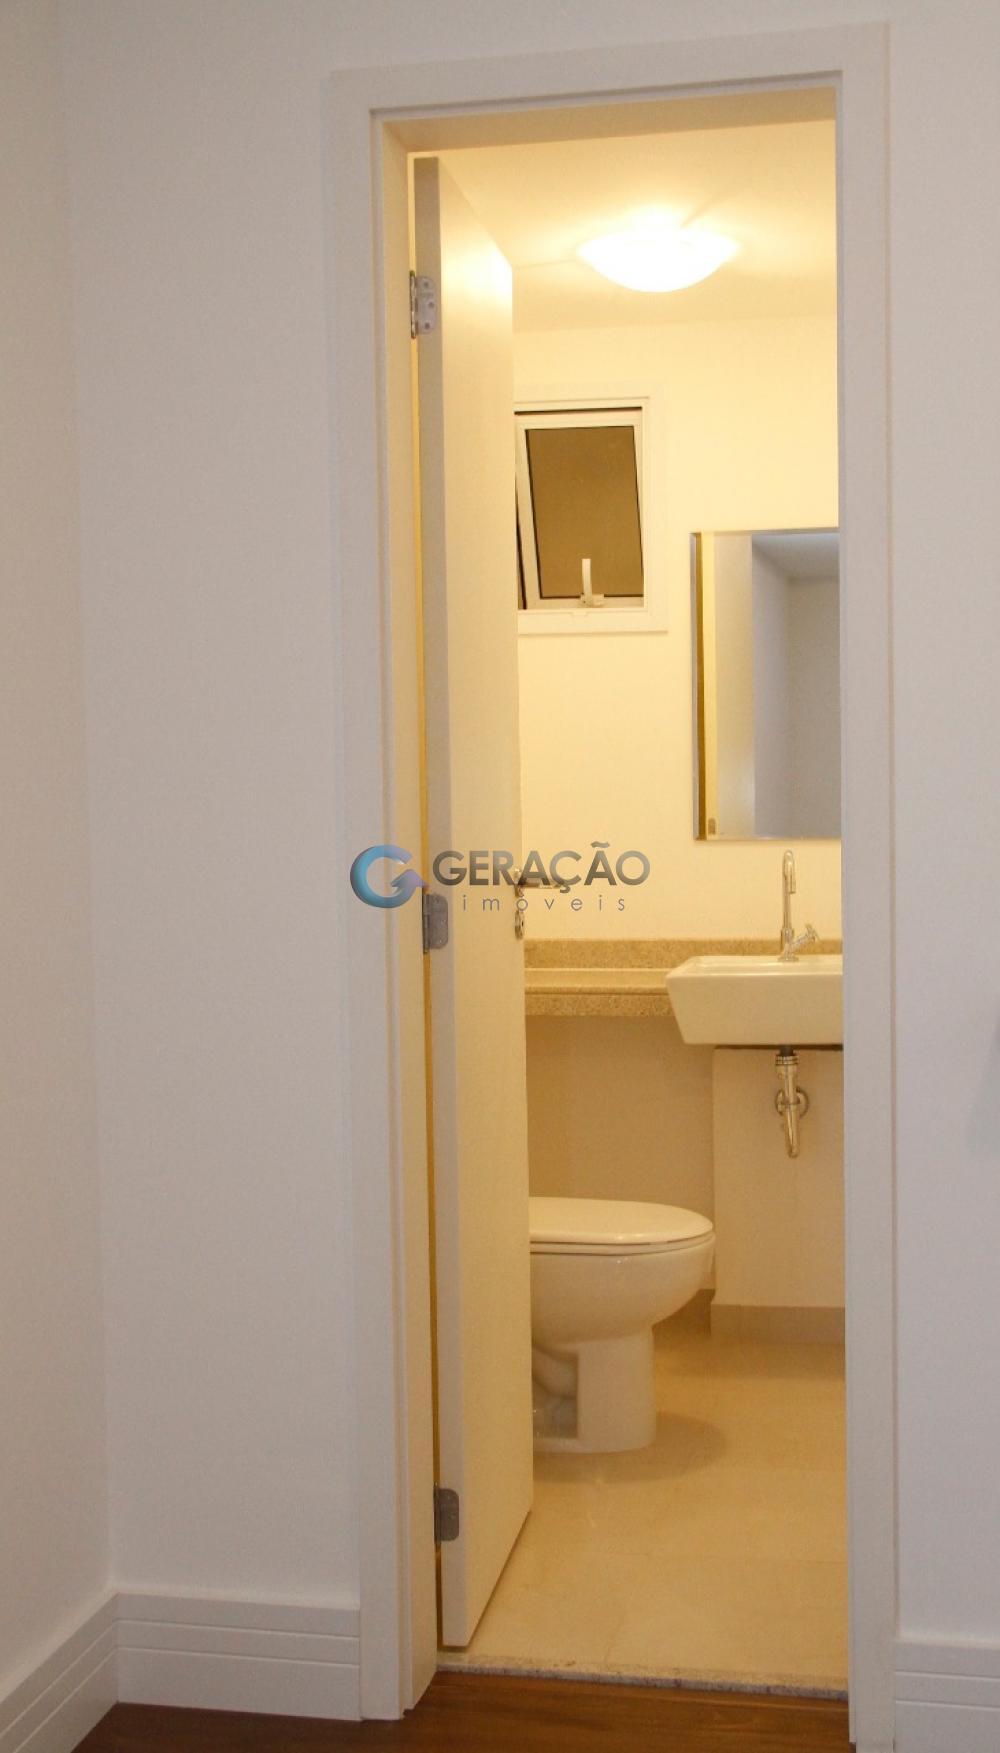 Comprar Apartamento / Padrão em São José dos Campos apenas R$ 530.000,00 - Foto 29